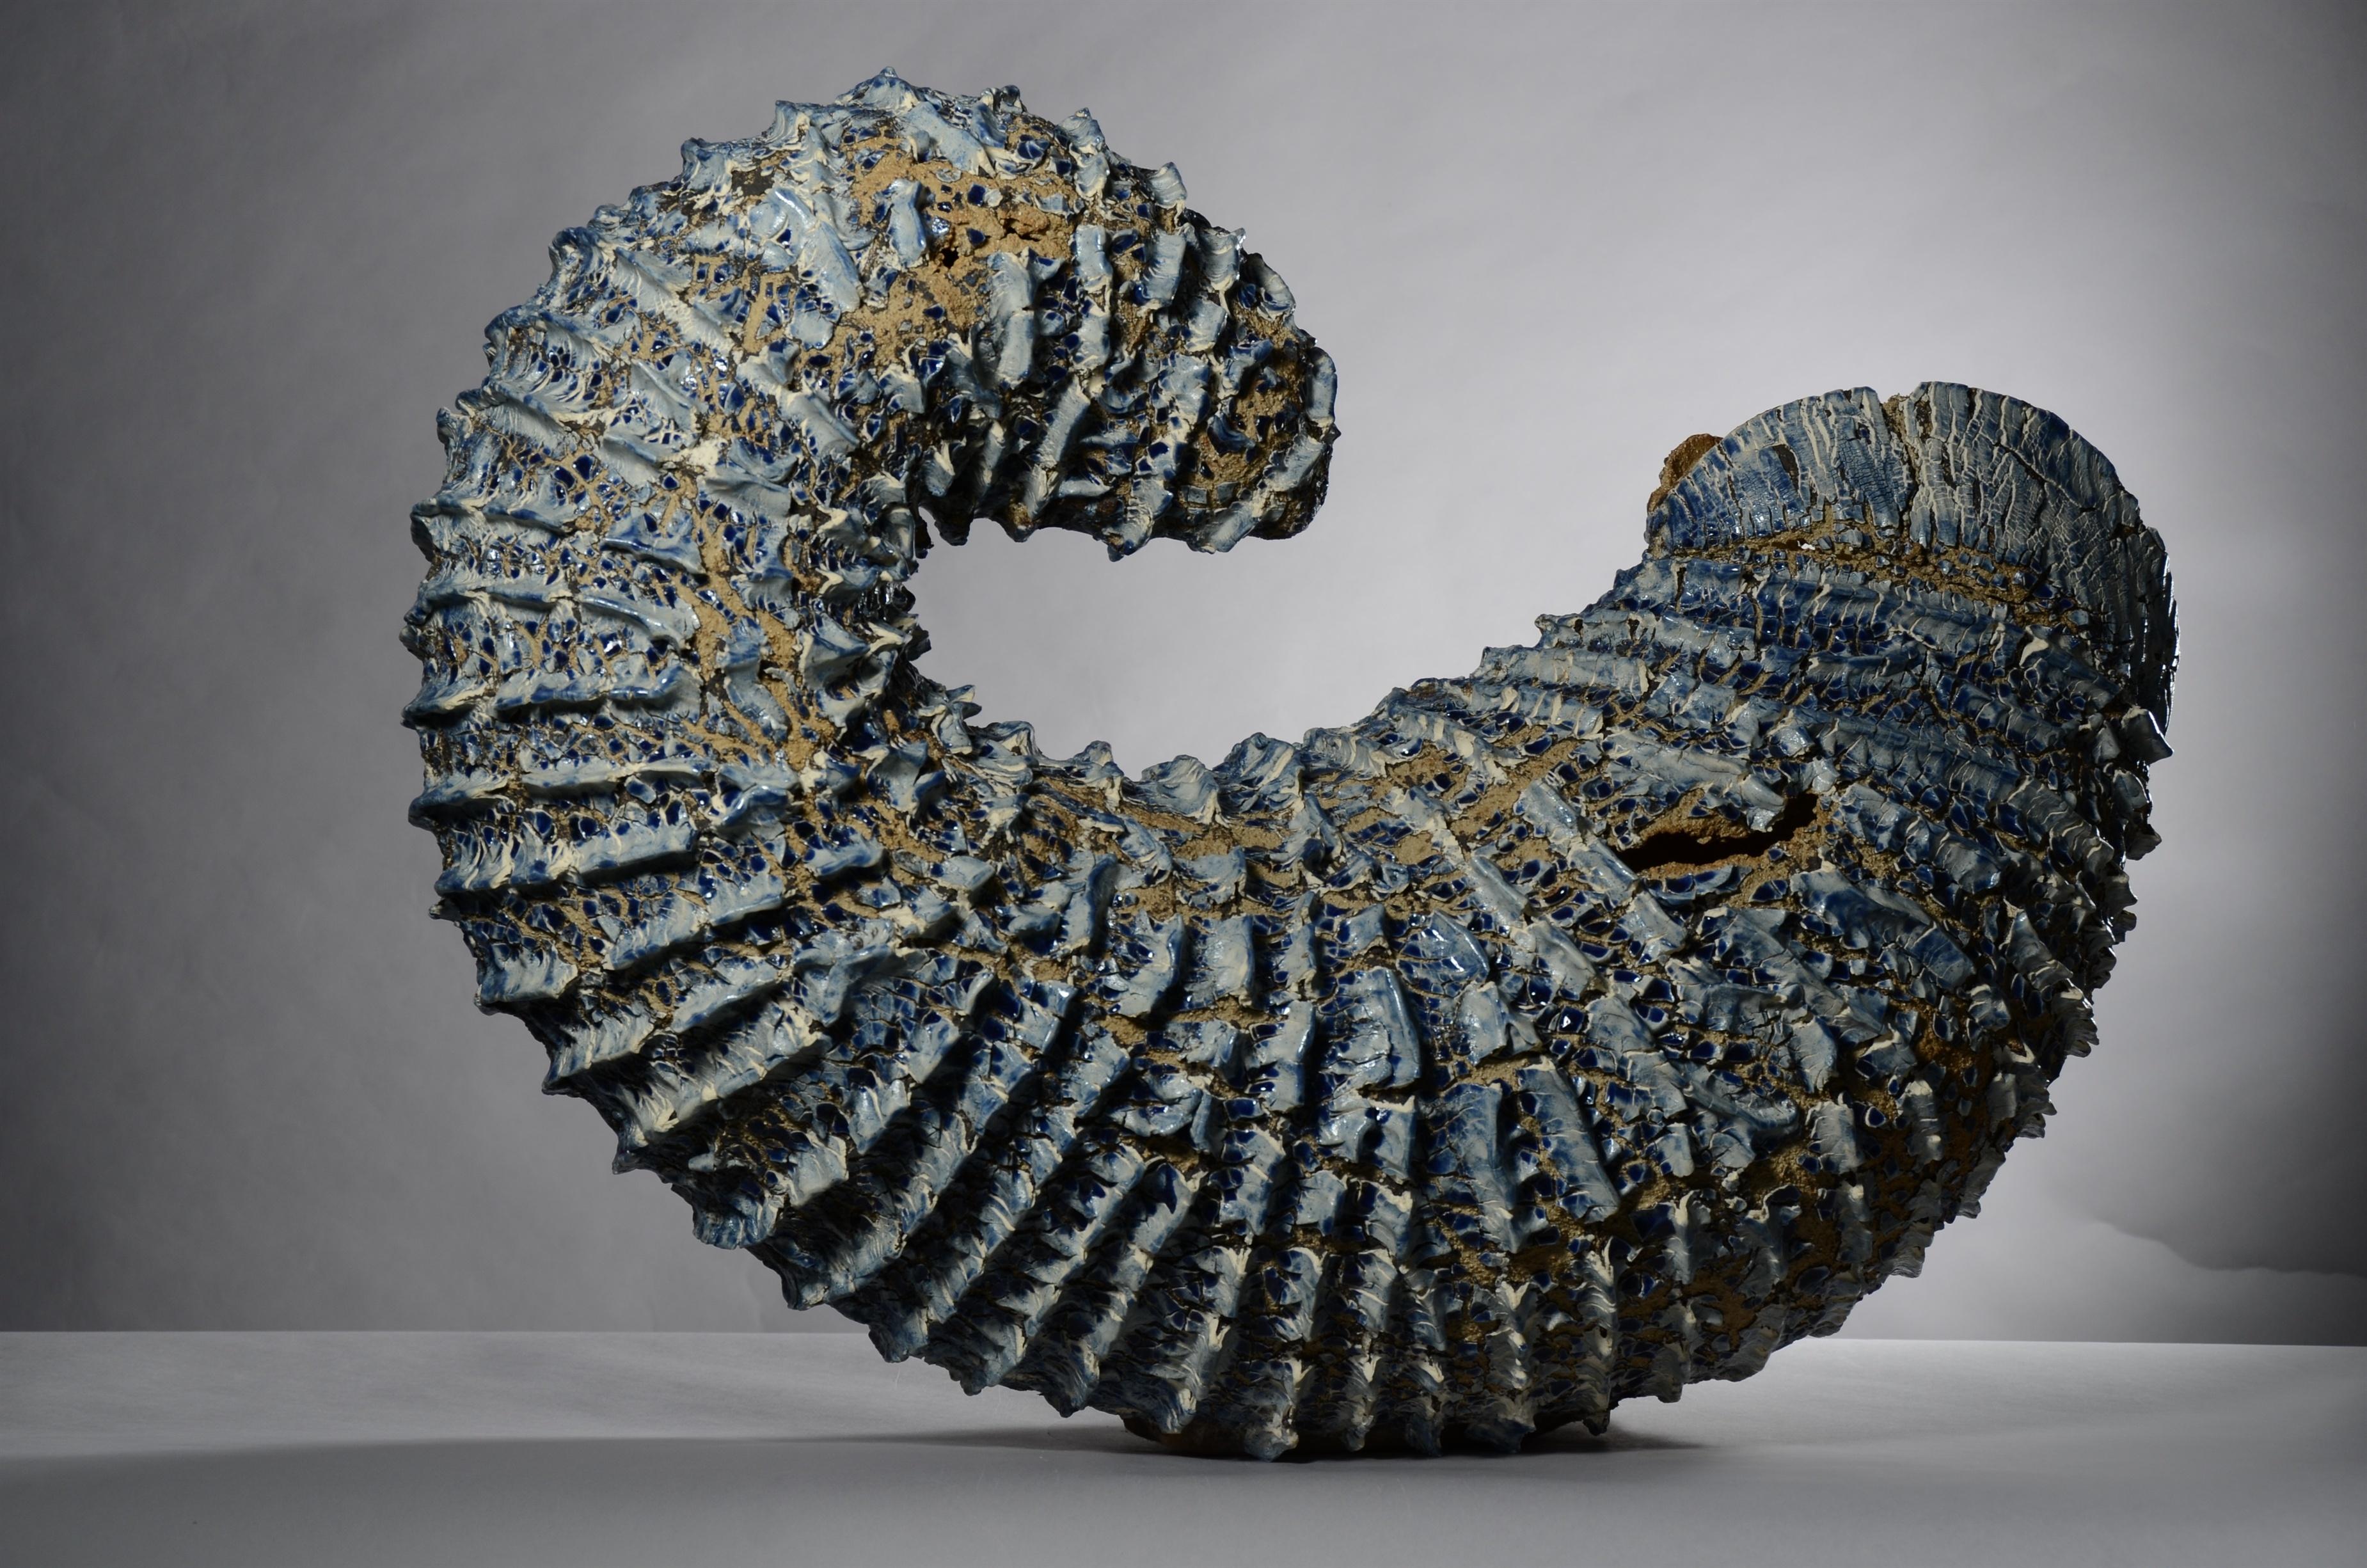 La ceramista Lourdes Riera recibe el primer Premio del Concurso Internacional de Cerámica de l»Alcora